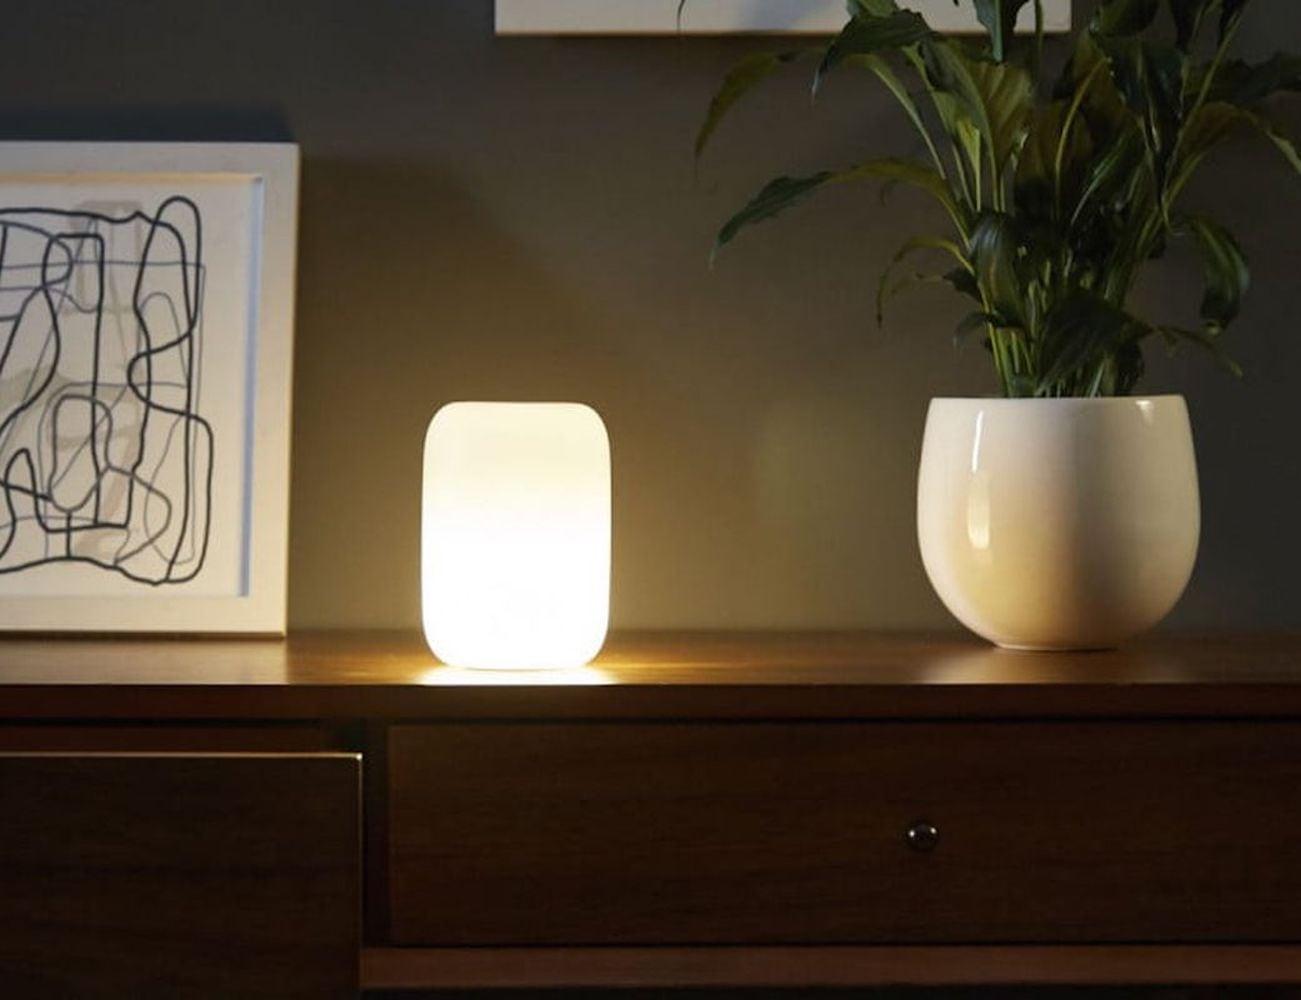 Casper Glow Smart Sleeping Light